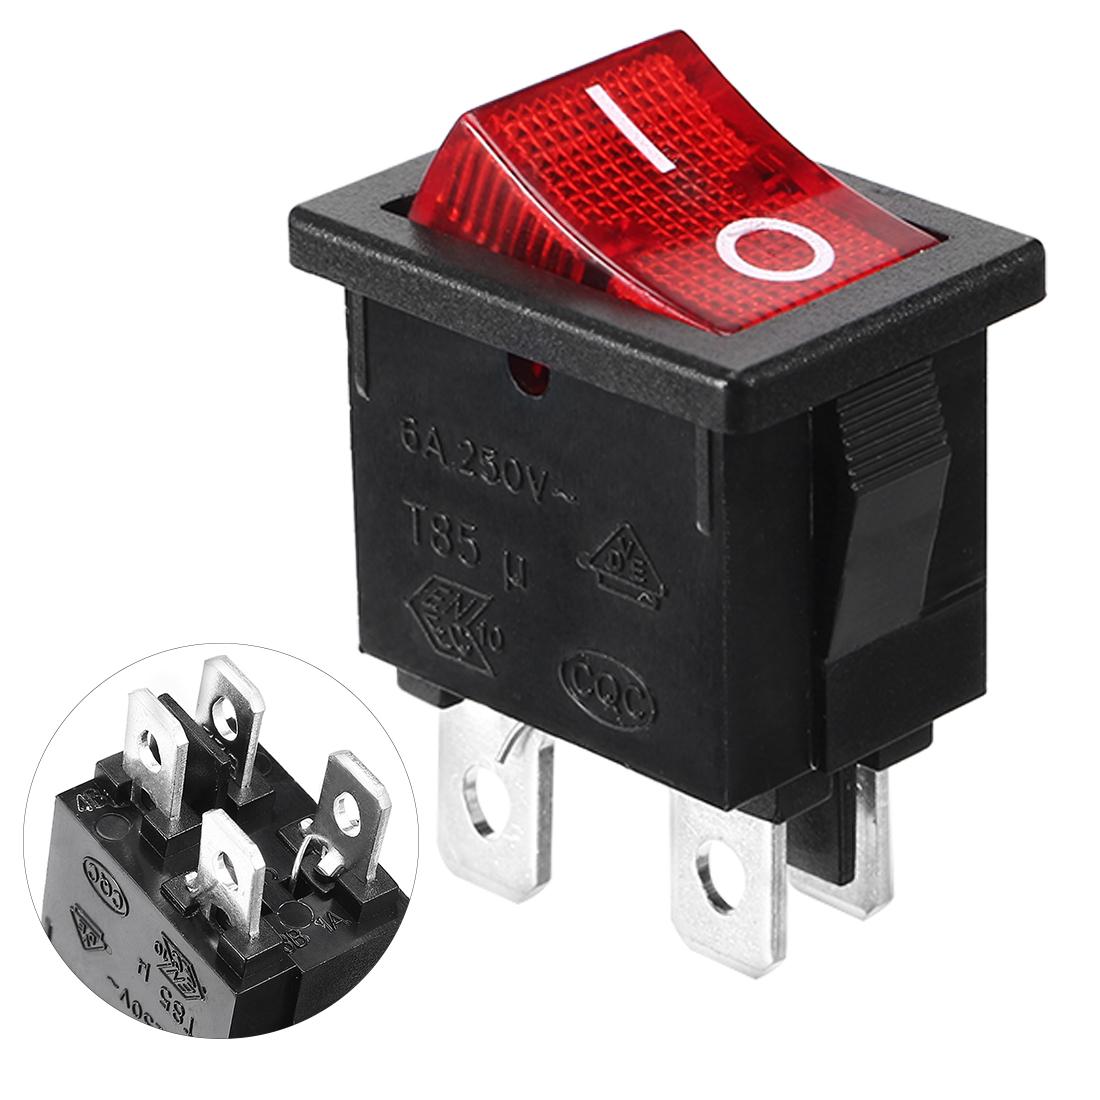 4P DPST On/Off Rocker Switch AC 250V/6A 125V/10A UL Listed